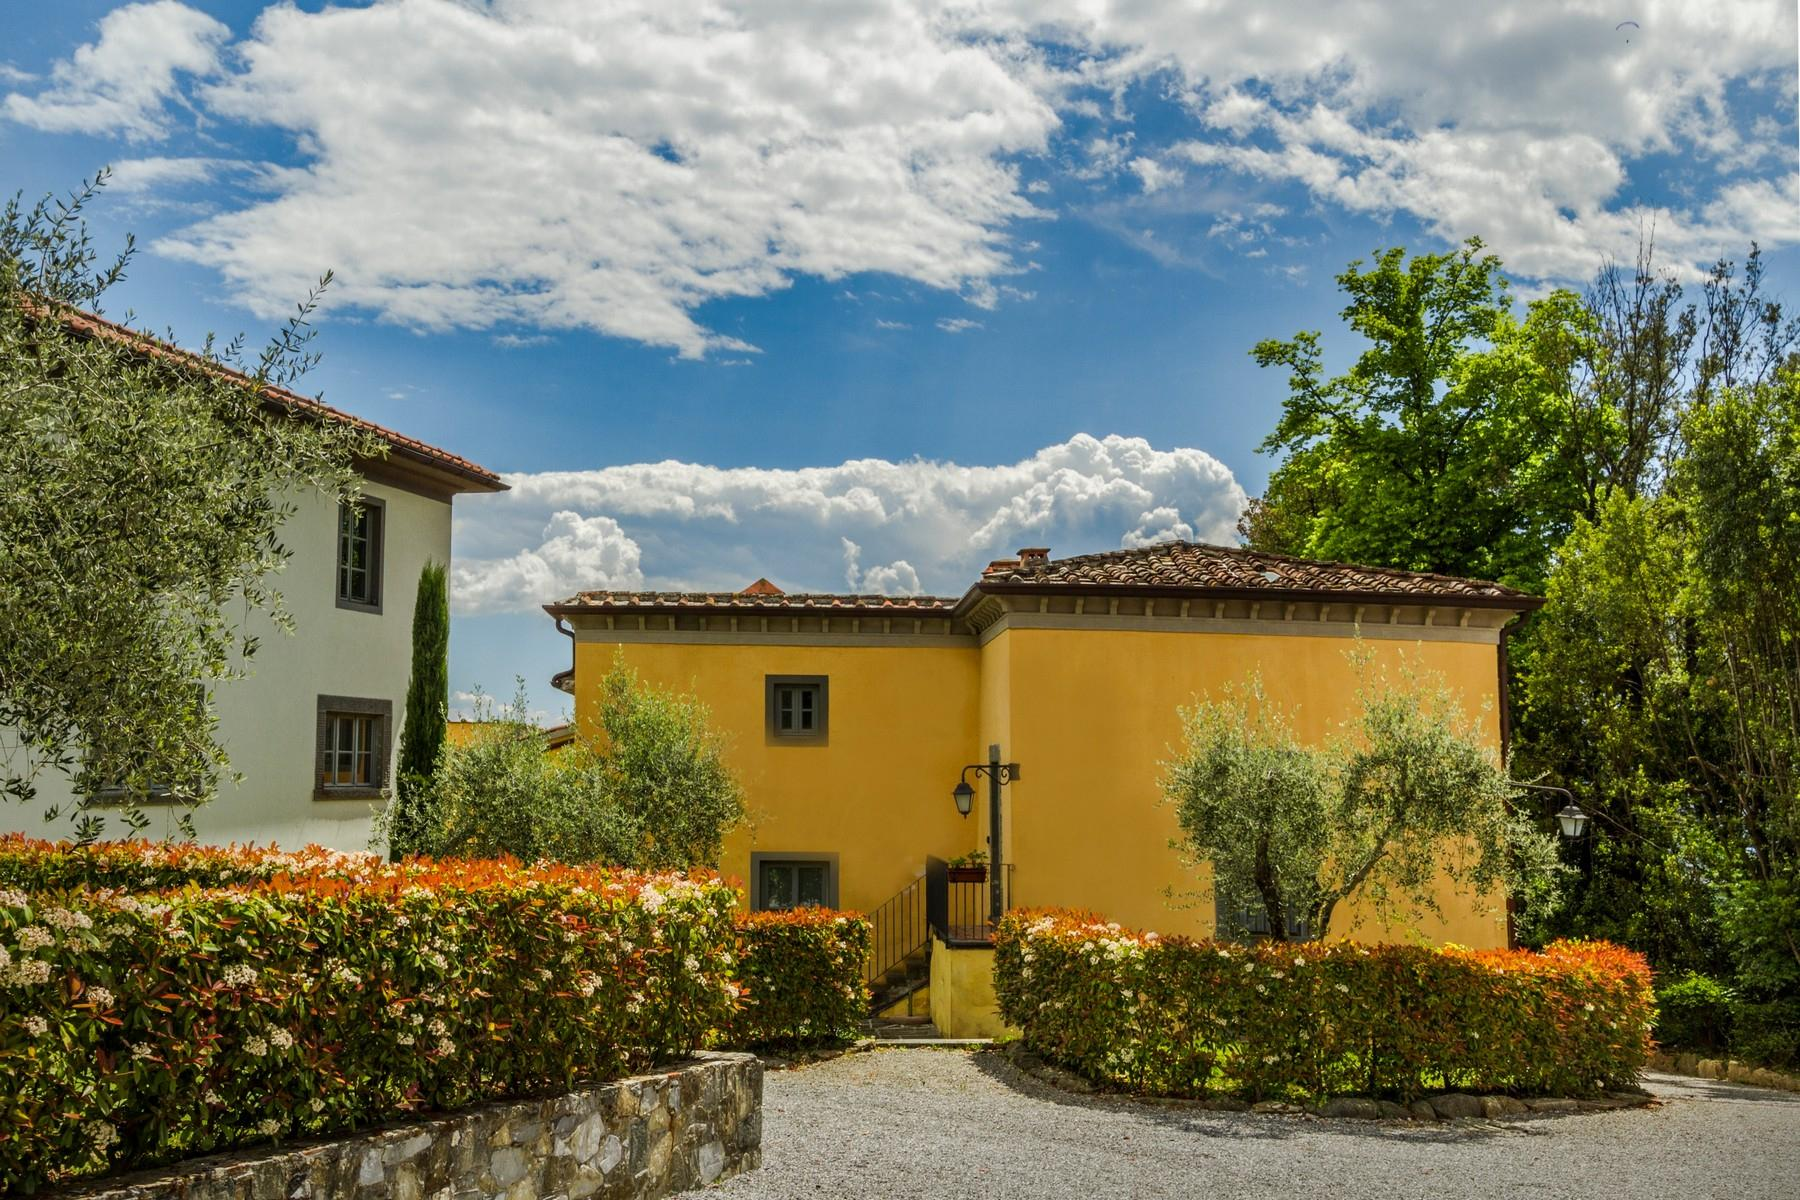 Appartement de luxe dans une villa historique sur les collines de Lucca - 9